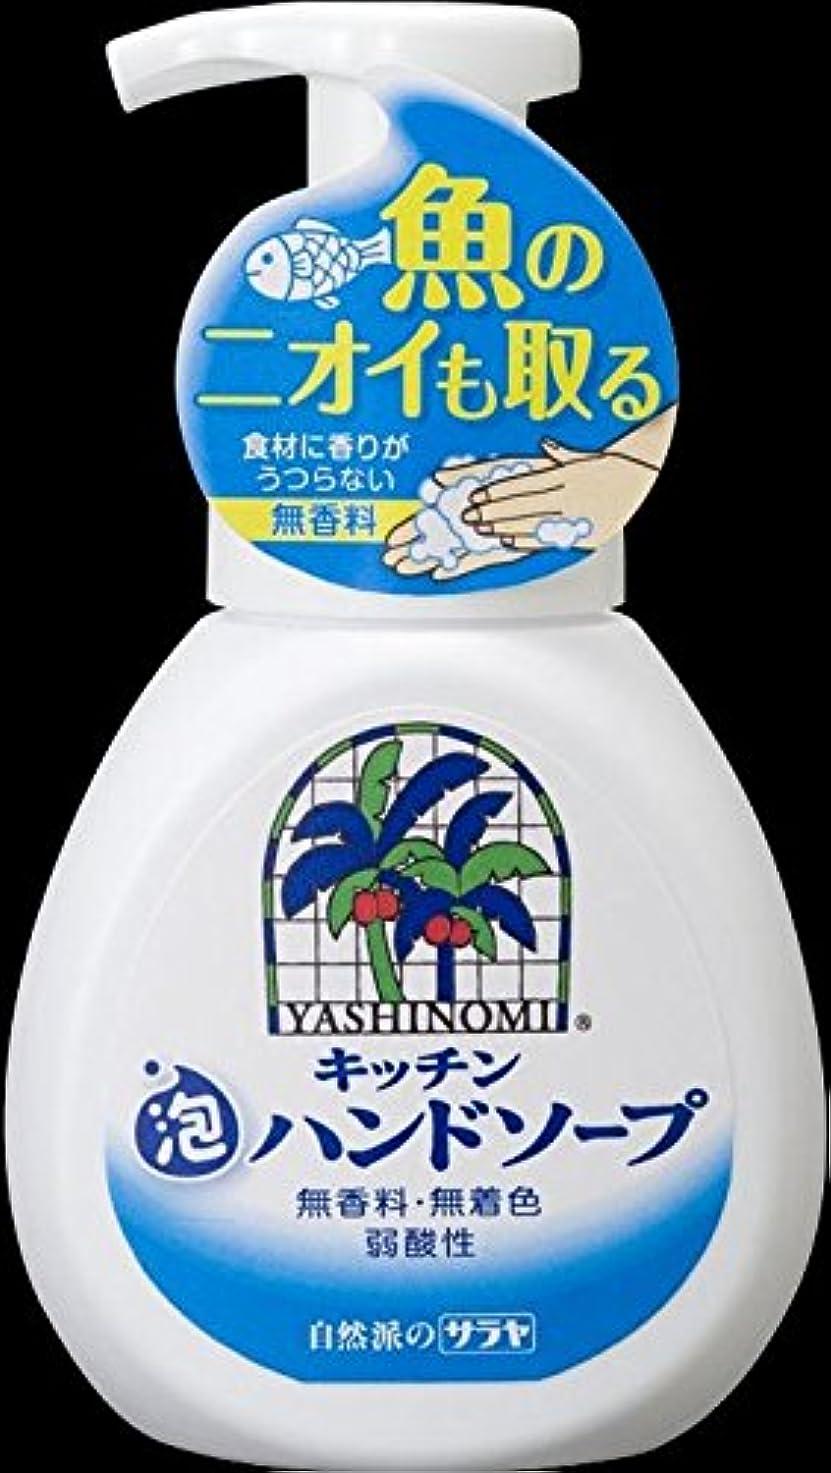 印象的地上で七時半サラヤ ヤシノミ洗剤 キッチン泡ハンドソープ 250ml 無香料、無着色、弱酸性×30点セット (4973512320316)